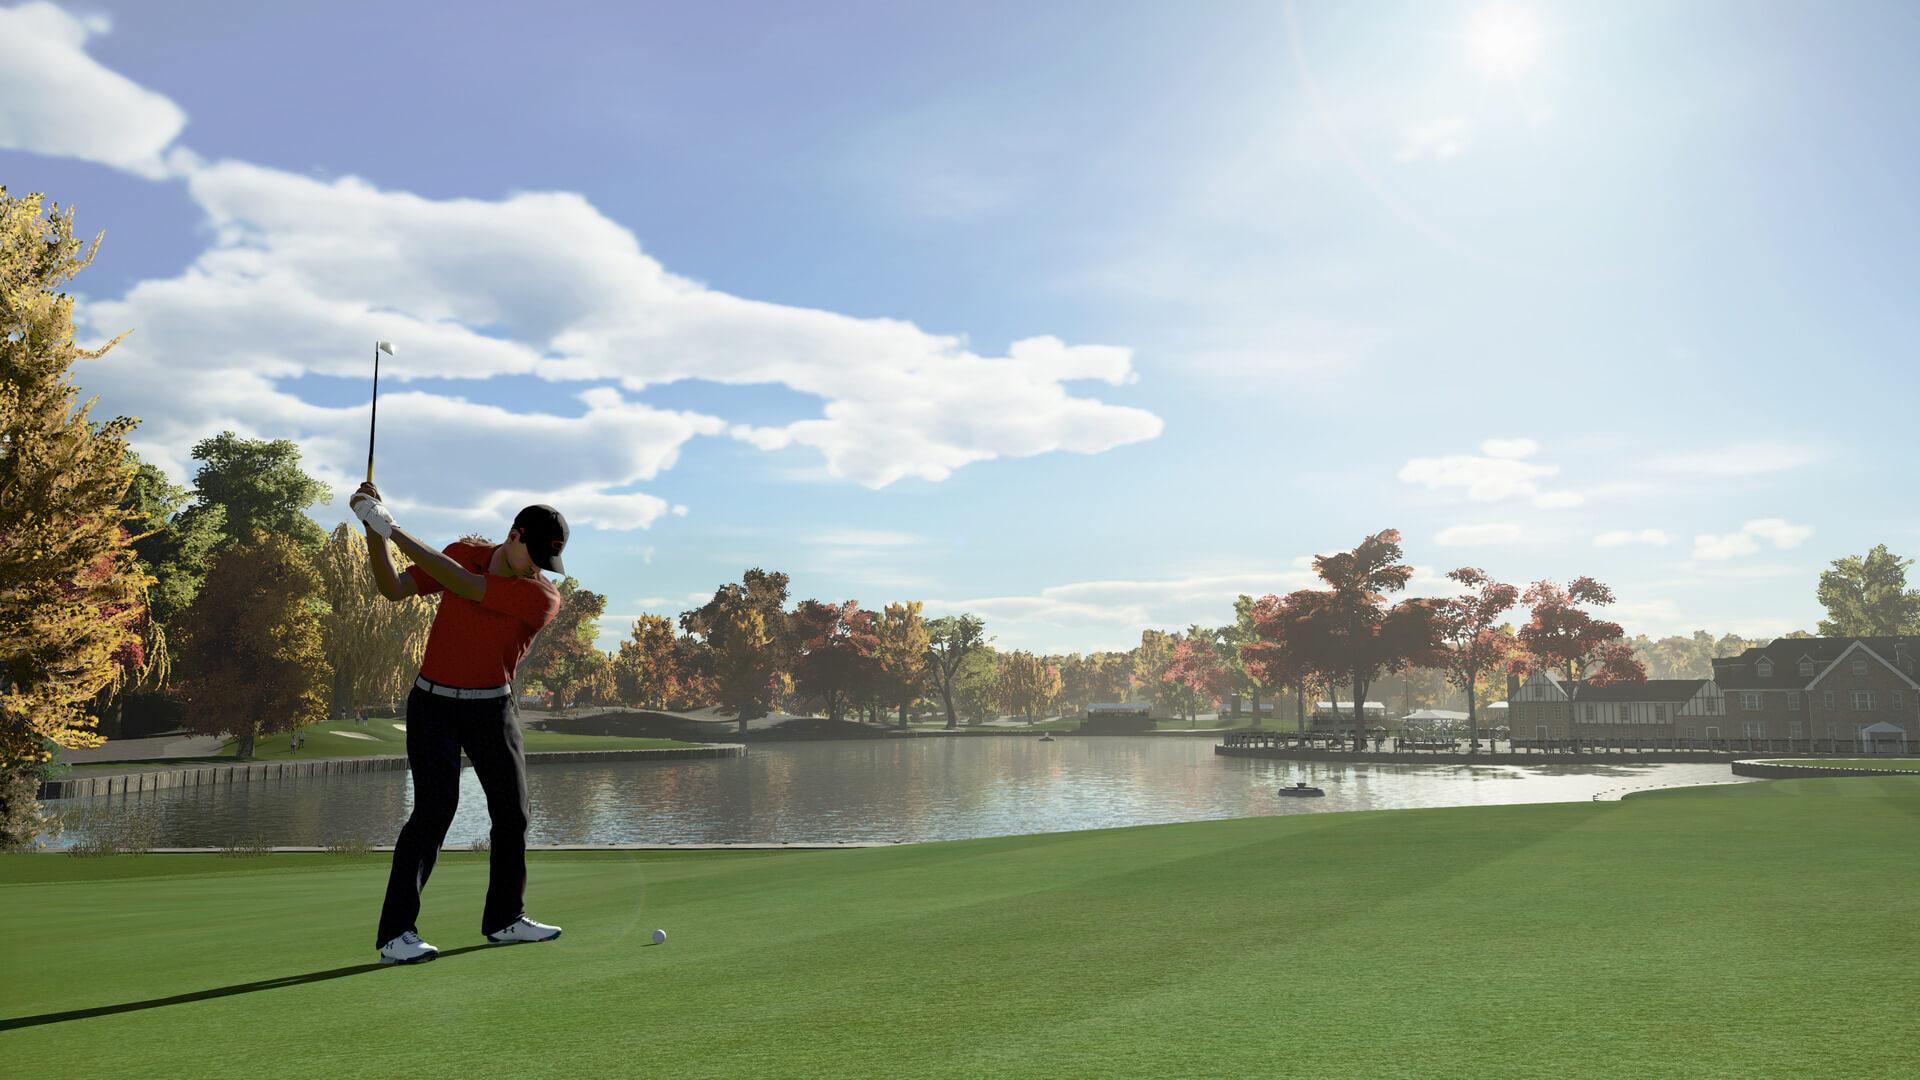 2K Games ilmoitti PGA TOUR 2K21: n julkaisemisesta 21. elokuuta